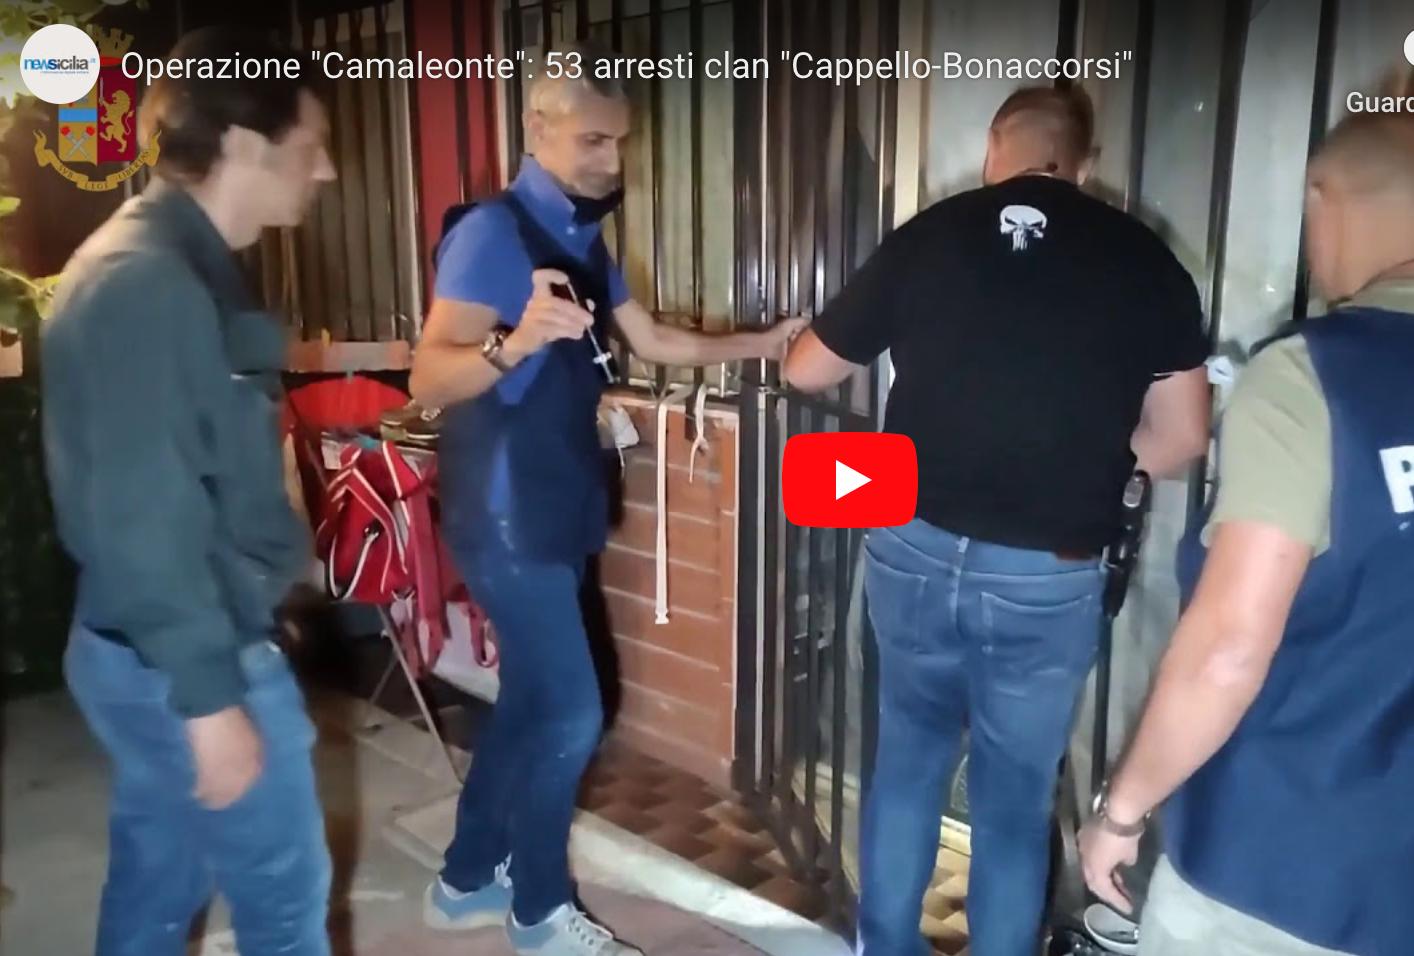 """Irruzione in piena notte nelle ville di 53 affiliati al clan """"Cappello-Bonaccorsi"""": dai reati contestati a chi gestiva gli affari – VIDEO"""